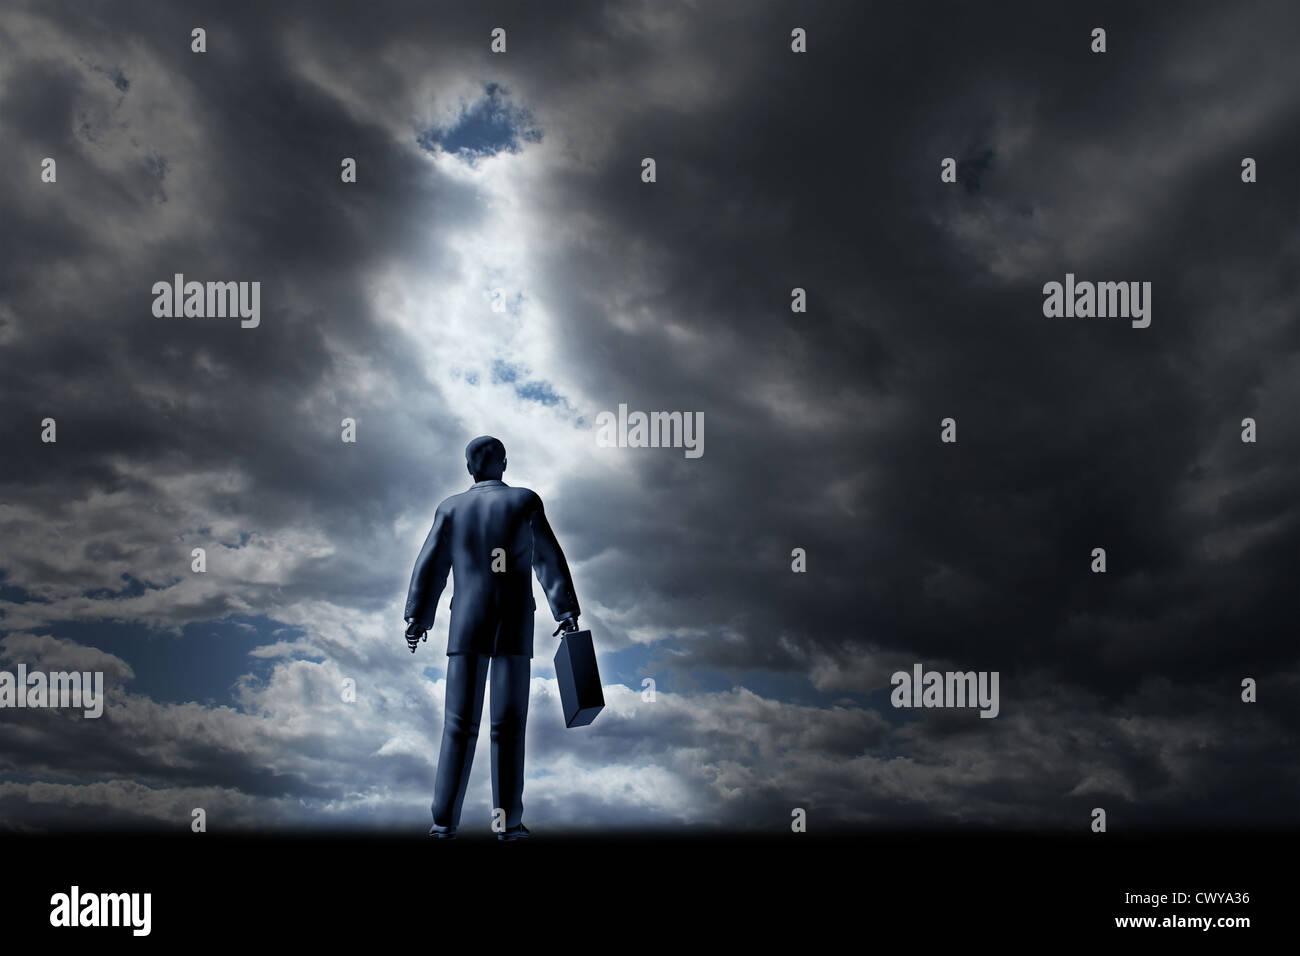 Gestion de l'entreprise concept financier avec un homme en costume et attaché-case au début d'un Photo Stock